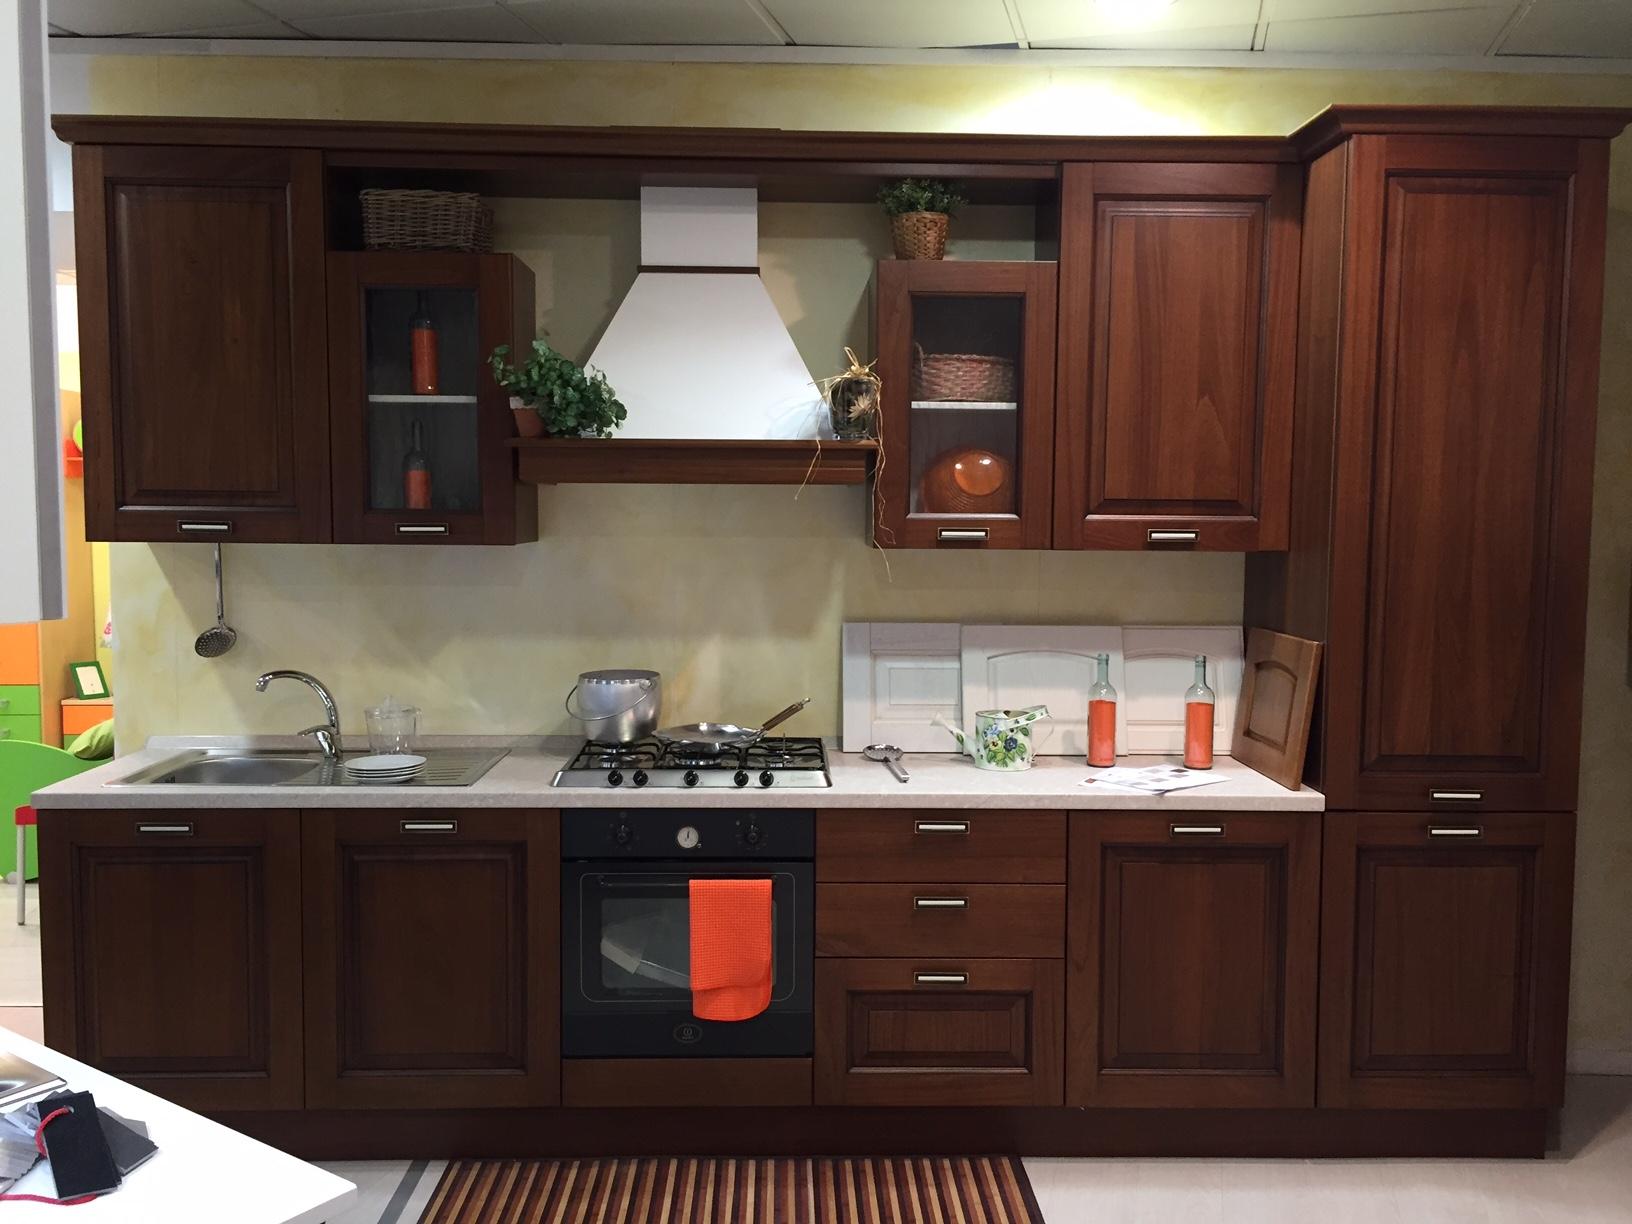 Creo kitchens cucina oprah classico legno noce l 360 cm cucine a prezzi scontati - Cucina creo jey prezzi ...